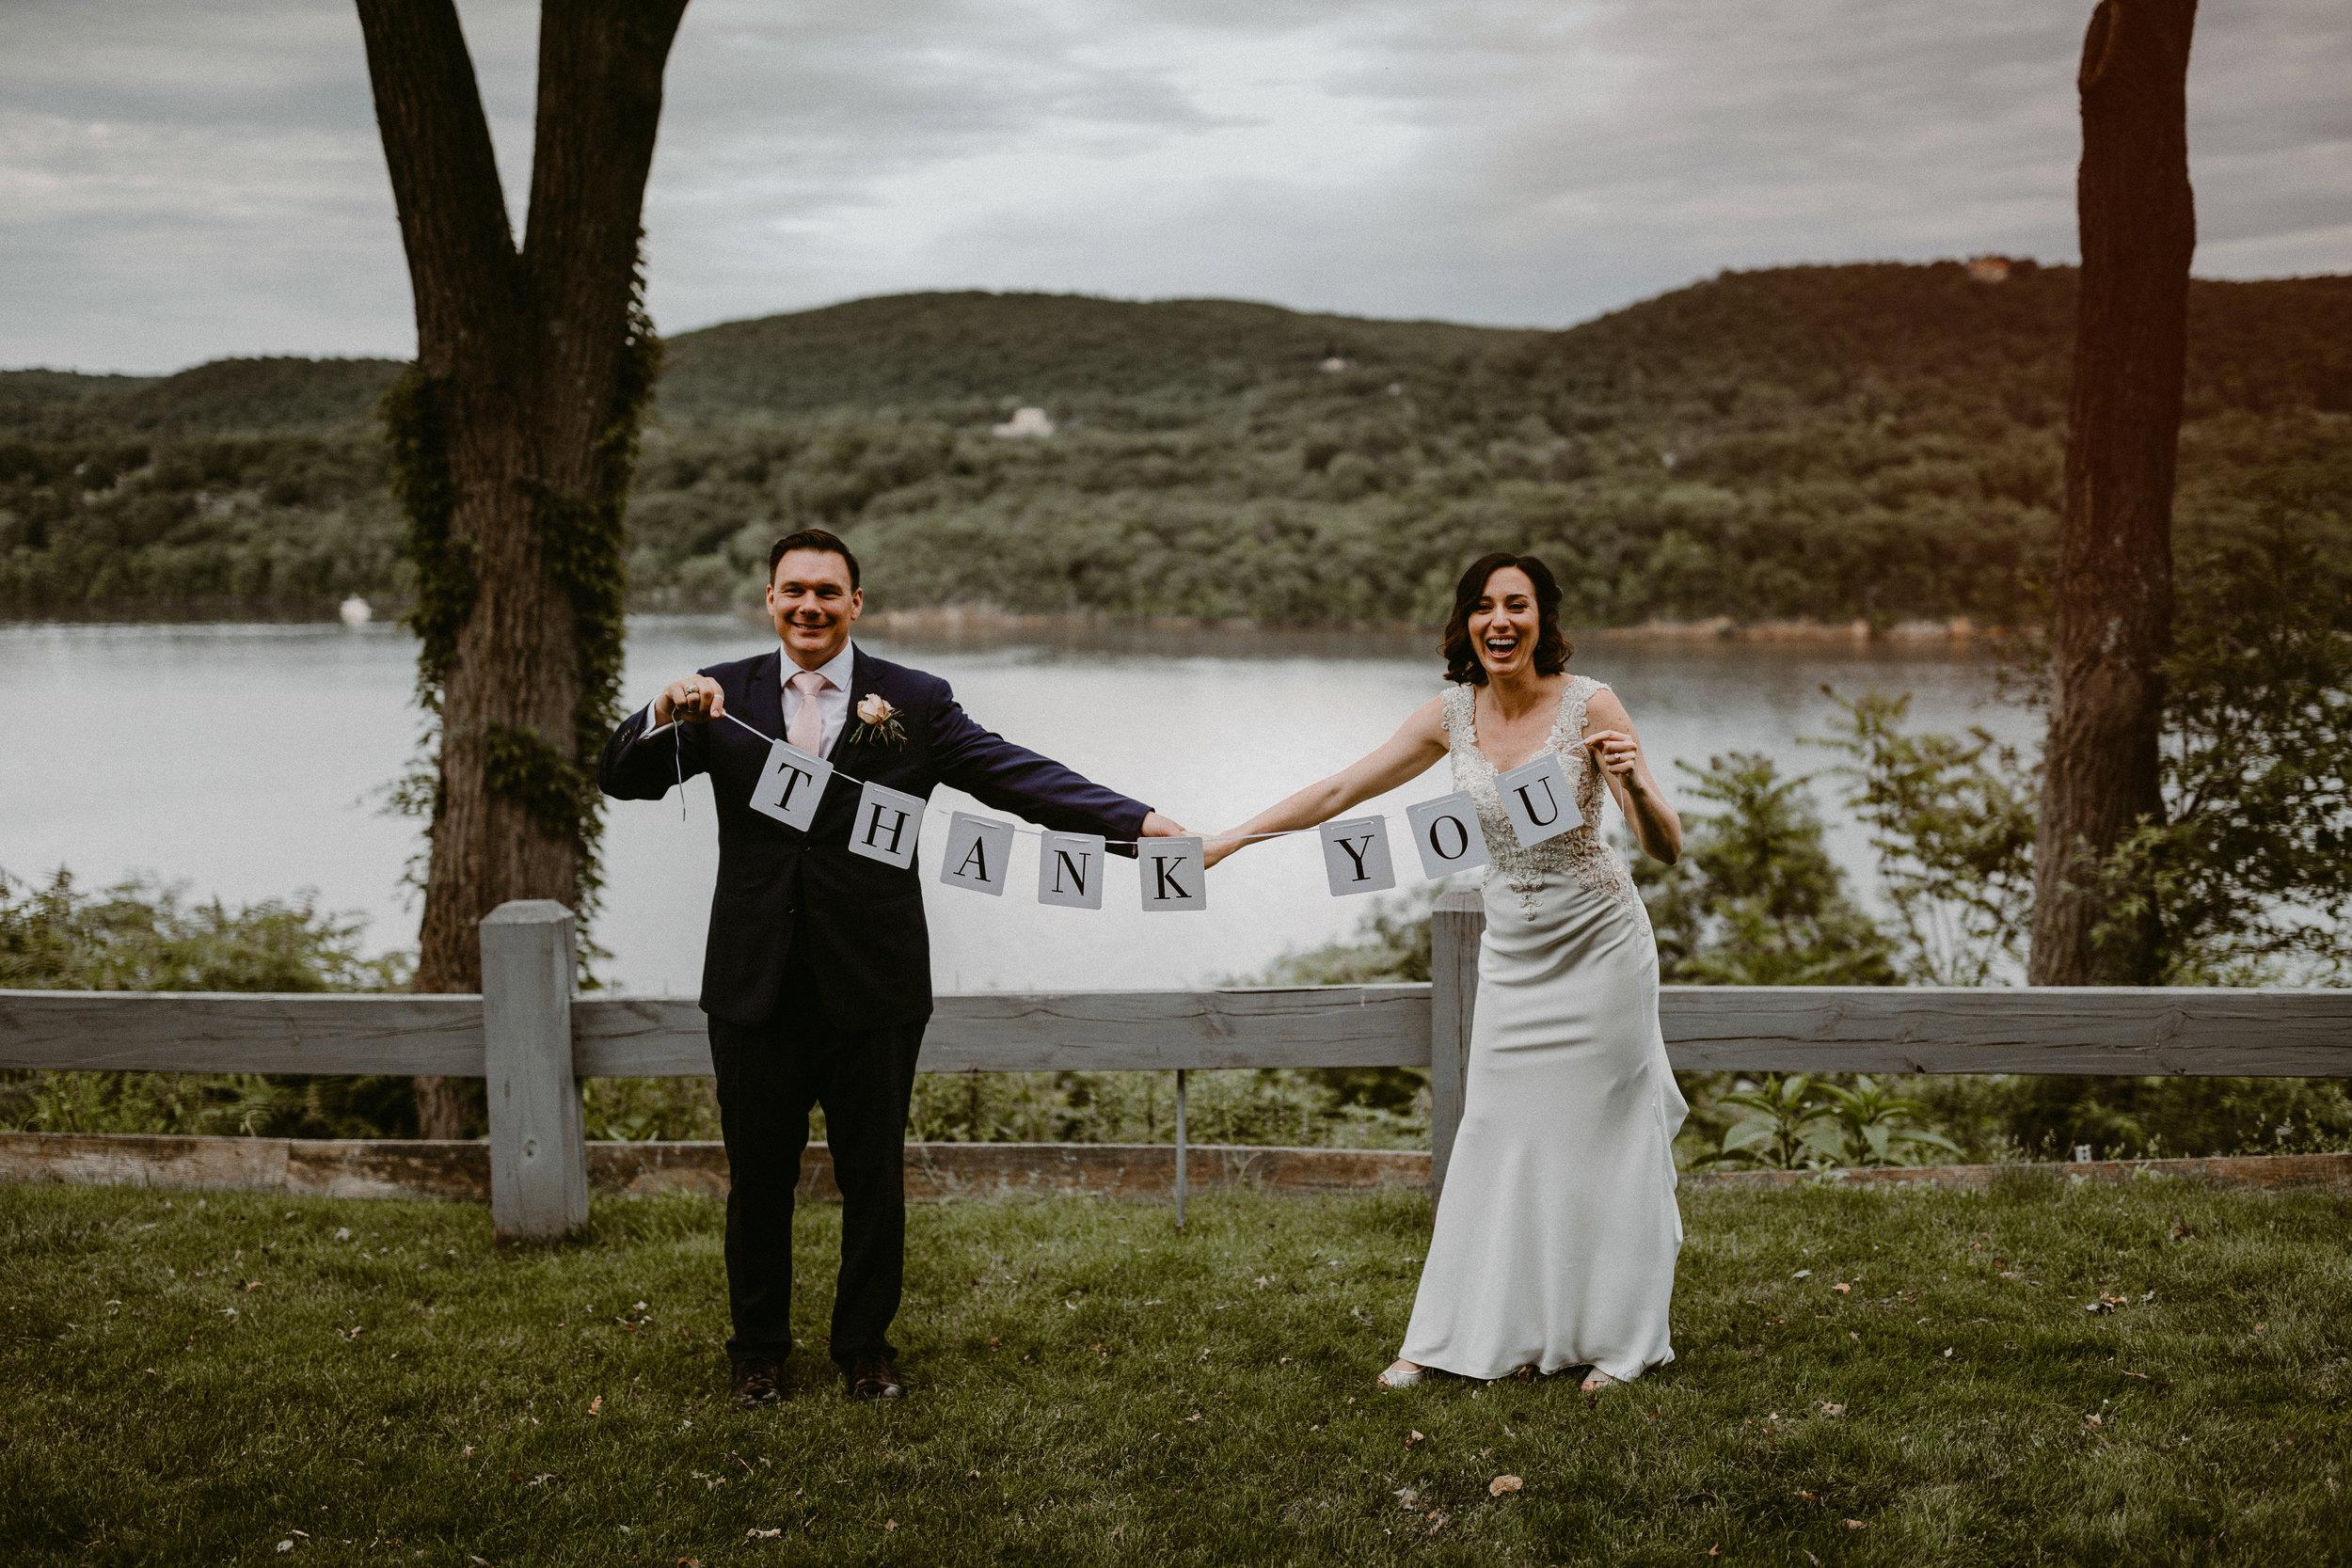 LaurenandAlex-weddingpreviews(27of35).jpg